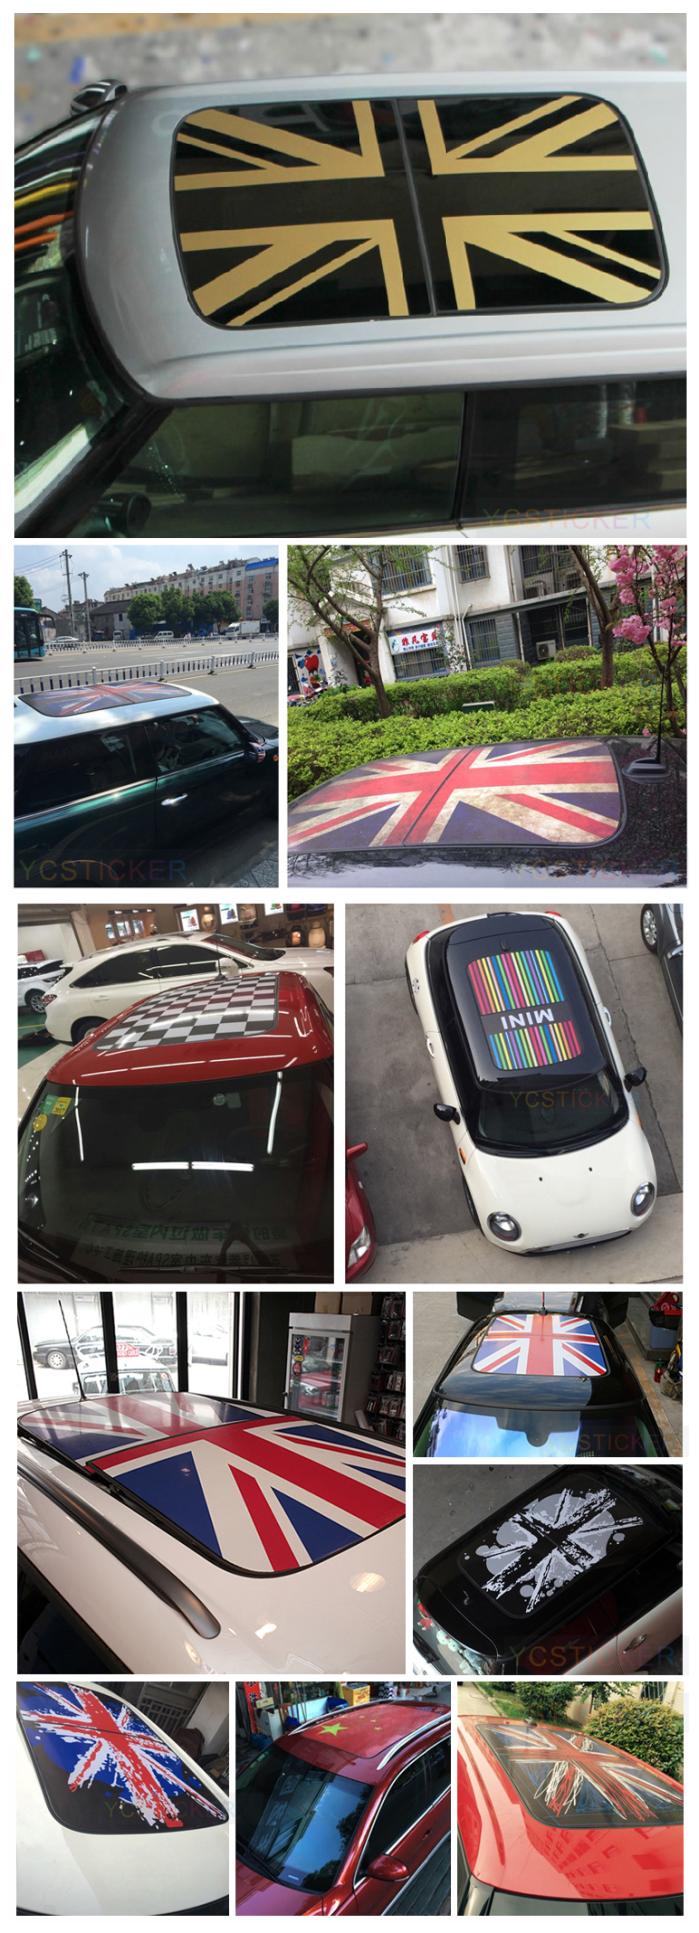 nouveaux produits voiture panoramique toit pvc auto adh sif vinyle autocollant camouflage. Black Bedroom Furniture Sets. Home Design Ideas